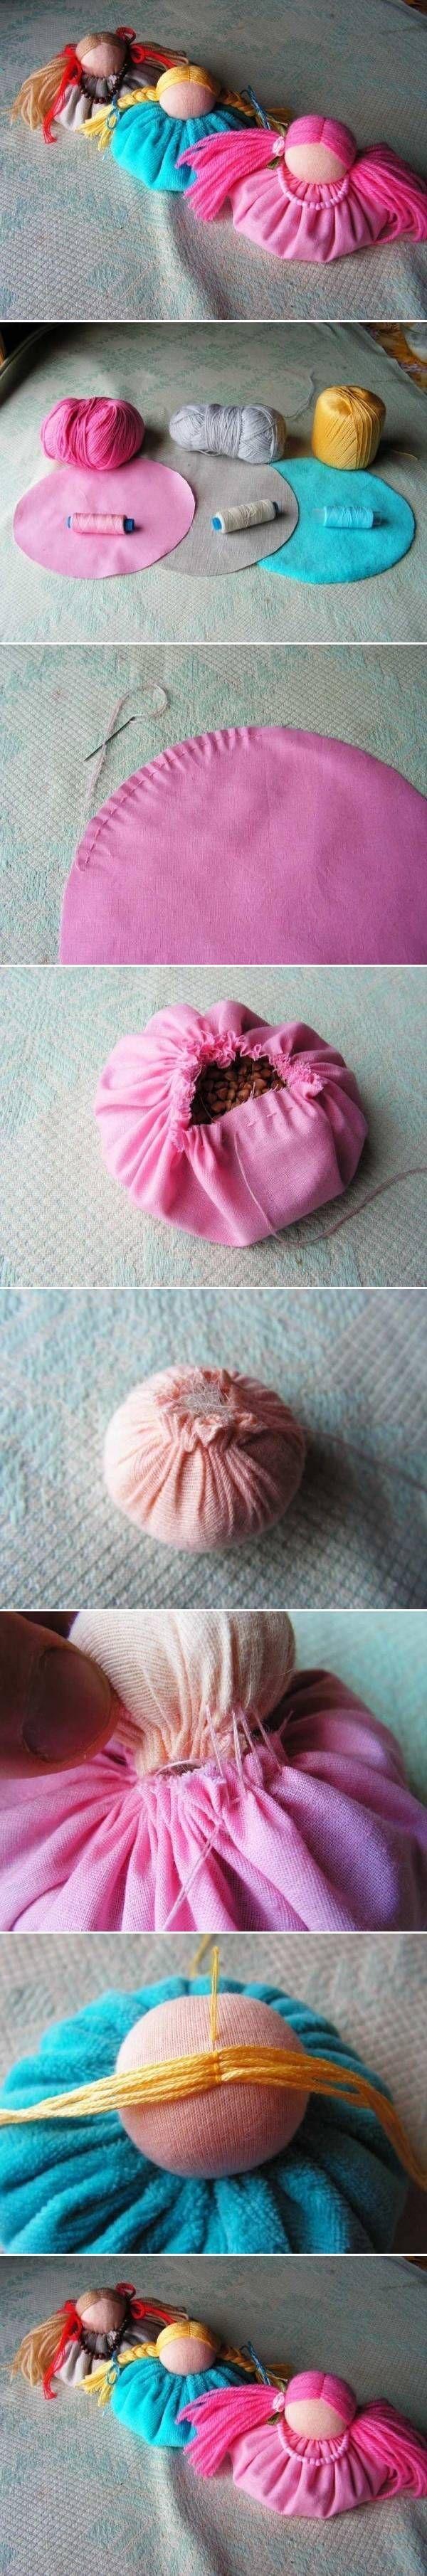 DIY Cute Fabric Doll Ornament DIY Projects | UsefulDIY.com